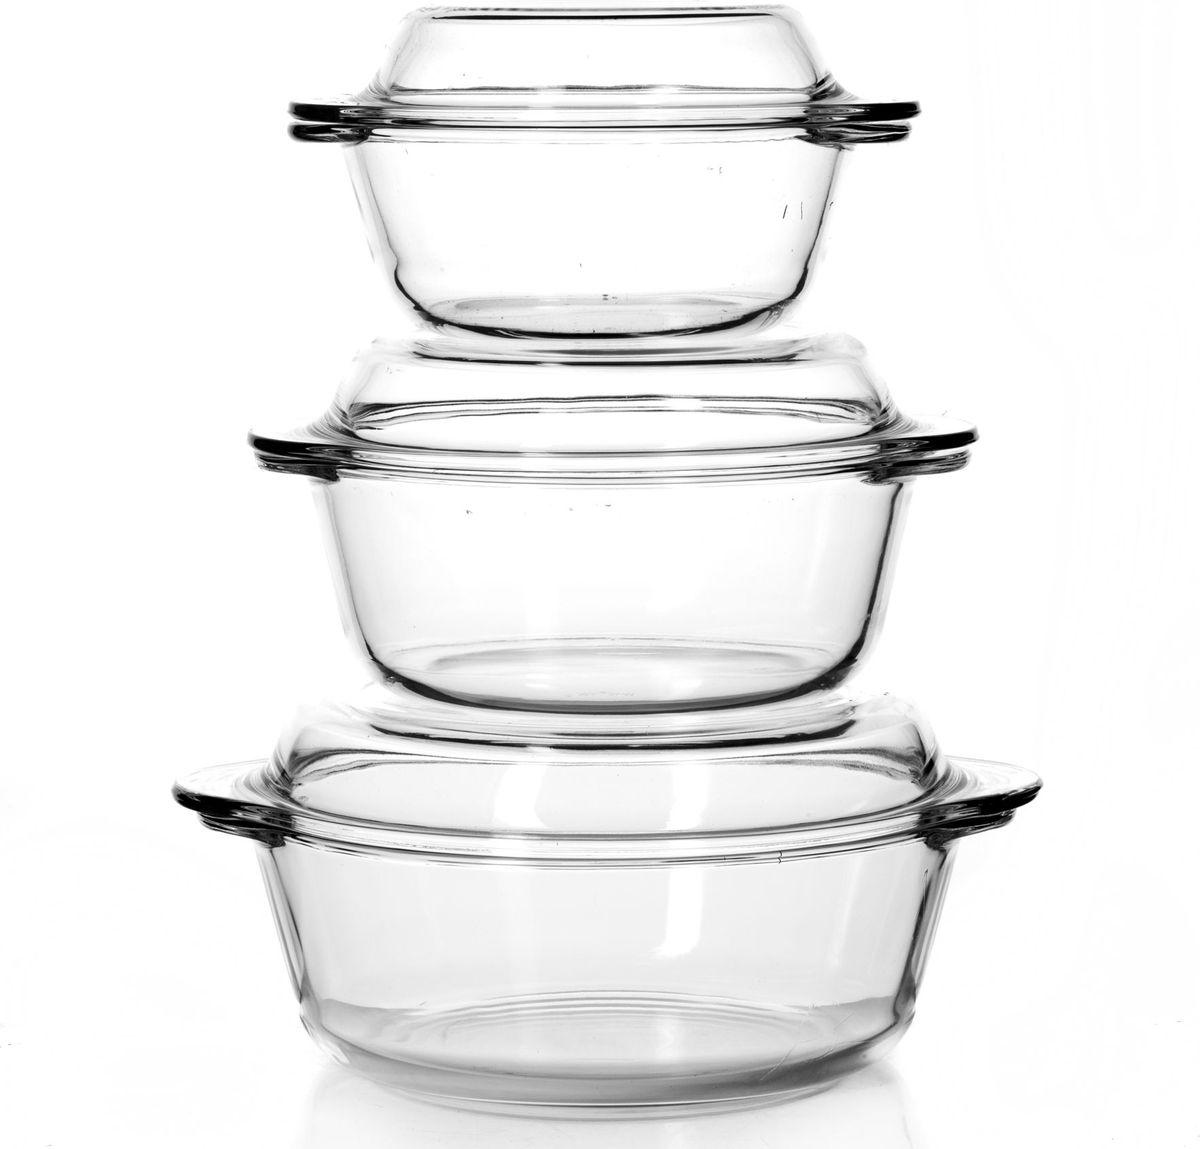 Набор посуды для СВЧ Pasabahce, 6 предметов. 159021159021Набор посуды для СВЧ Pasabahce выполнен из жаропрочного стекла и состоит из трех кастрюль с крышками разного размера. Изделия прекрасно подойдут длявыпекания десертов - кексов, пирогов, тортов.Стекло - самый безопасный для здоровья материал. Посуда из стекла не вступает в реакцию с готовящейся пищей,а потому не выделяет никаких вредных веществ, не подвергается воздействию кислот и солей. Из-за невысокойтеплопроводности пища в ней гораздо медленнее остывает. Стеклянная посуда очень удобна для приготовления и подачи самых разнообразных блюд: супов, вторых блюд,десертов. Благодаря прозрачности стекла, за едой можно наблюдать при ее готовке, еду можно видеть приподаче, хранении. Используя такую посуду, вы можете как приготовить пищу, так и изящно подать ее к столу, неменяя посуды. Благодаря гладкой идеально ровной поверхности посуда легко моется. Можно использовать в духовках, микроволновых печах и морозильных камерах (выдерживает температуру от - 30°C до 300°C). Можно мыть в посудомоечной машине.